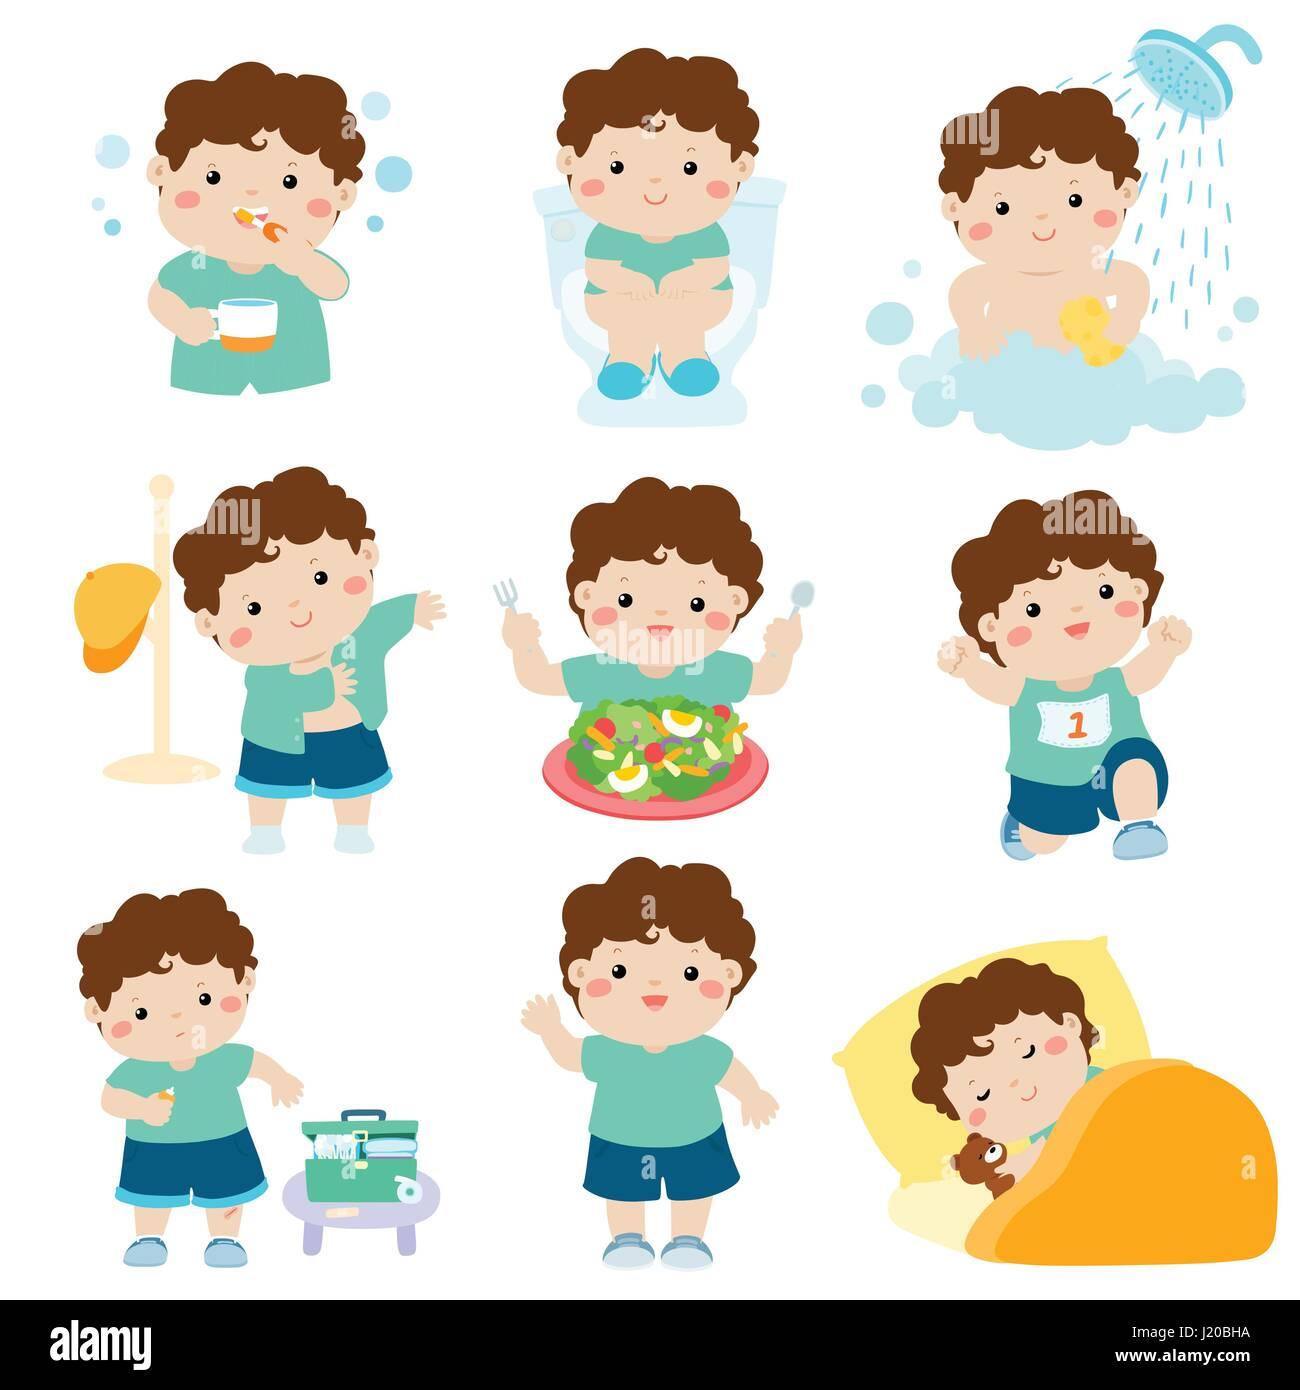 Cute Brown Skin Boy Have Healthy Hygiene Take A Bath Using